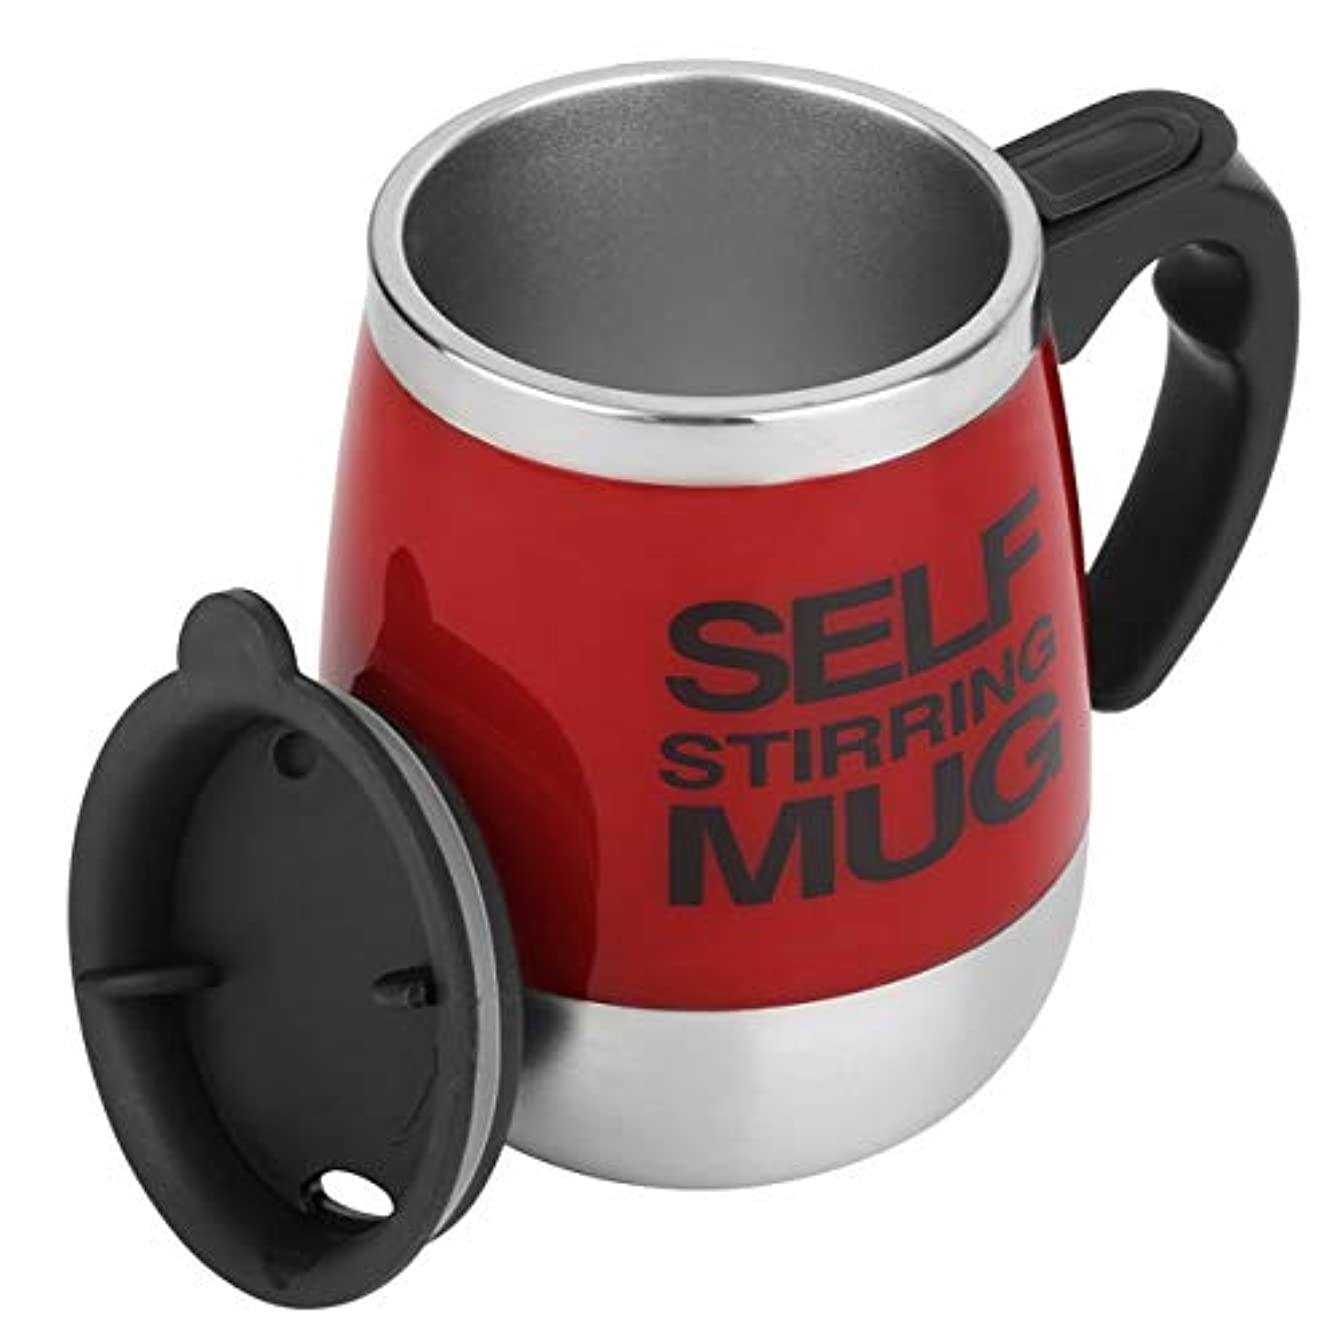 ブレークアジテーション貧しいSaikogoods 450ミリリットル ステンレス鋼 自己攪拌マグカップ 自動ミキシング ティーコーヒーカップ 自動 電気コーヒーカップを飲みます 赤